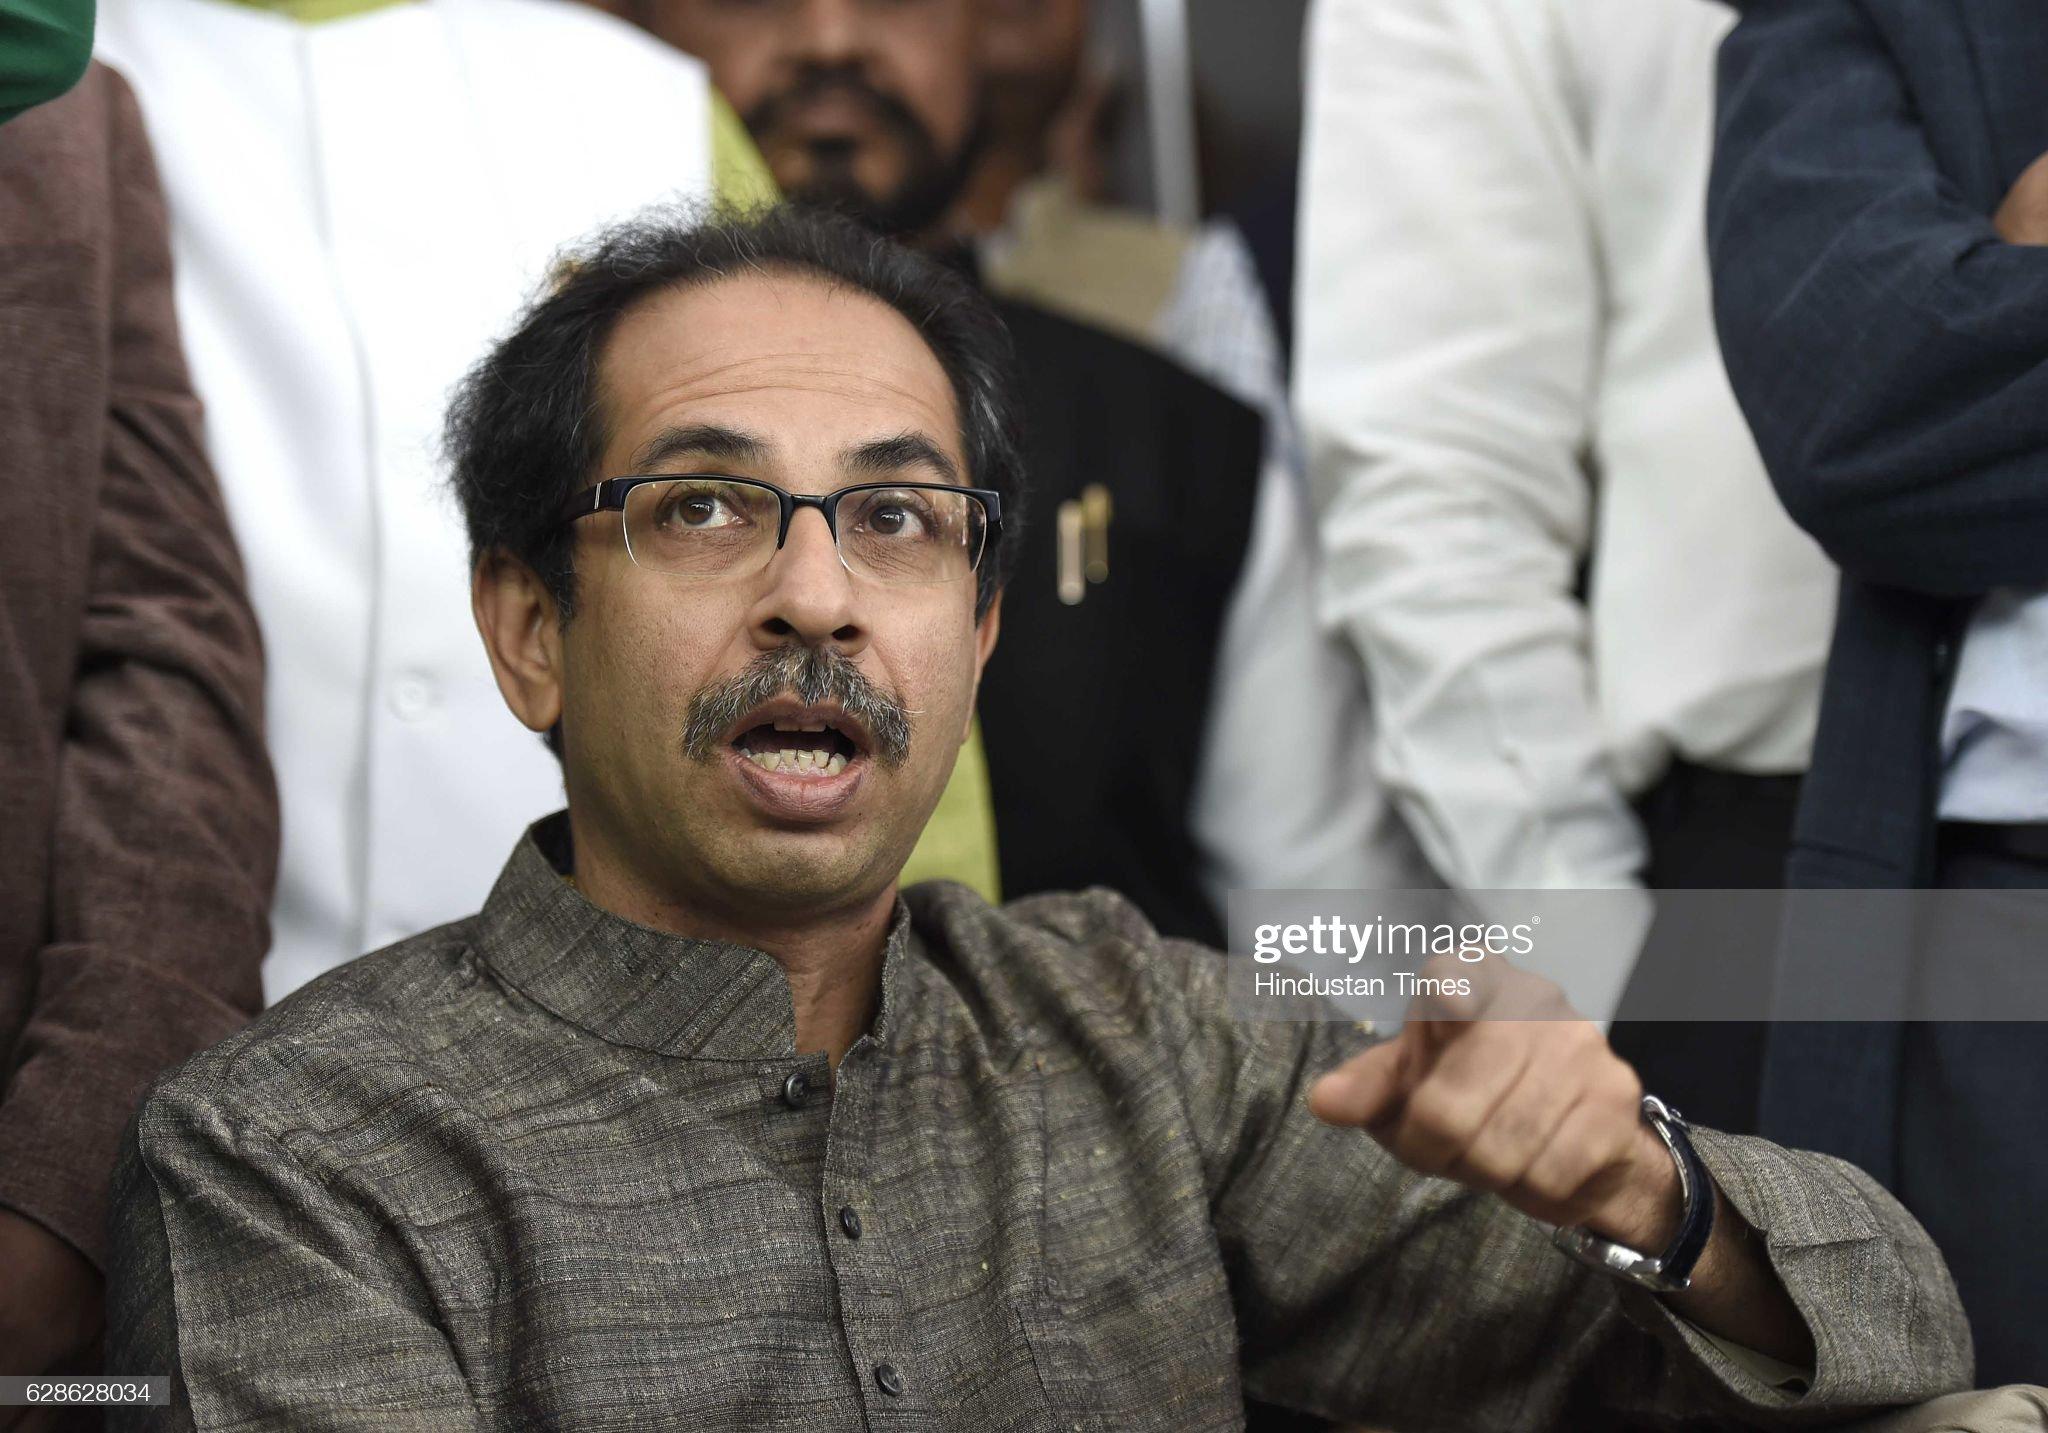 Shiv Sena leader Uddhav Thackeray Press Conference On Demonetization : News Photo